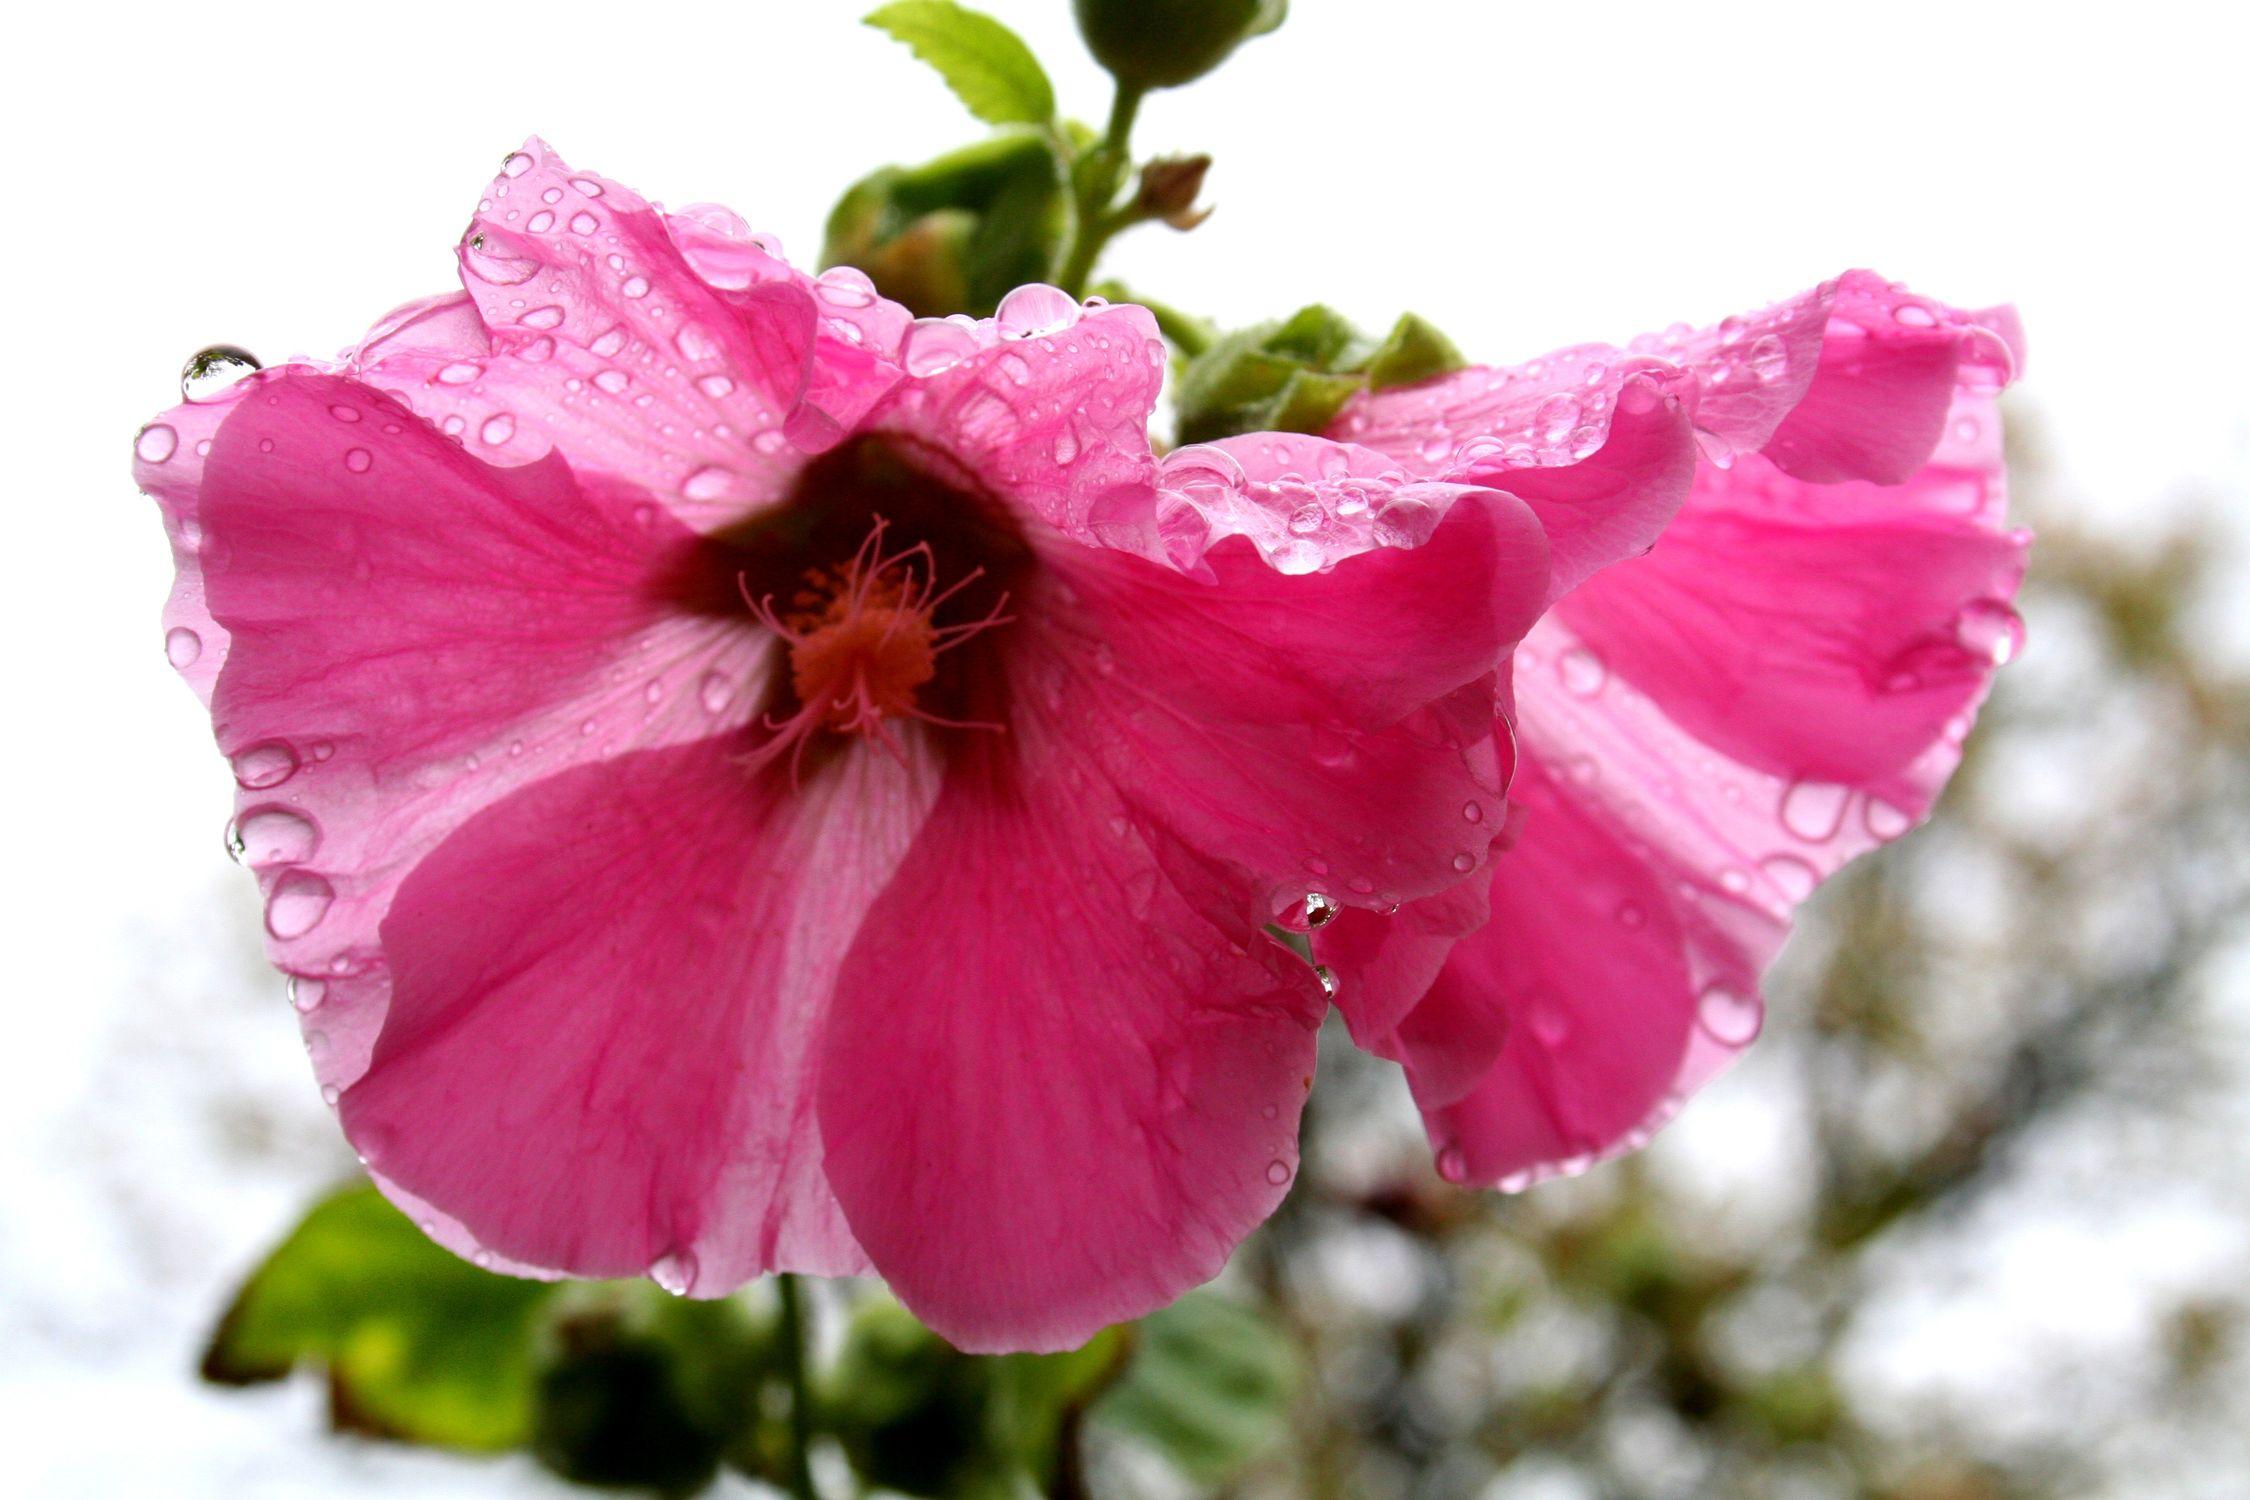 Bild mit Farben, Natur, Pflanzen, Blumen, Rosa, Magenta